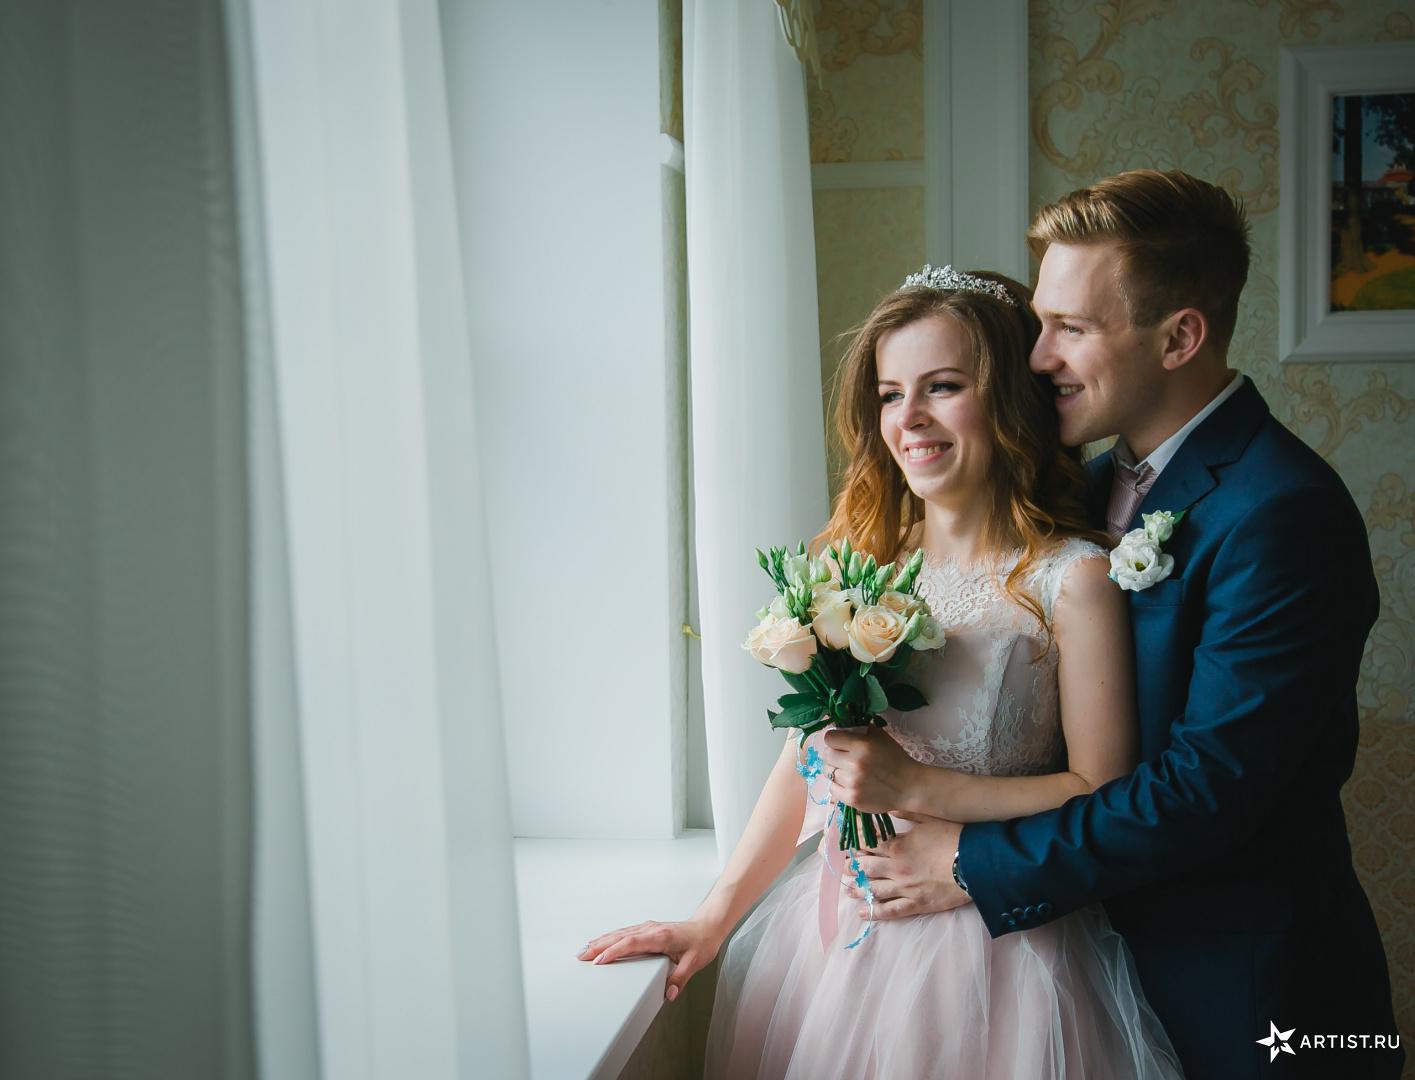 Фото 11 из 15 из альбома Свадьба Анастасии и Дмитрия Андрея Кислого